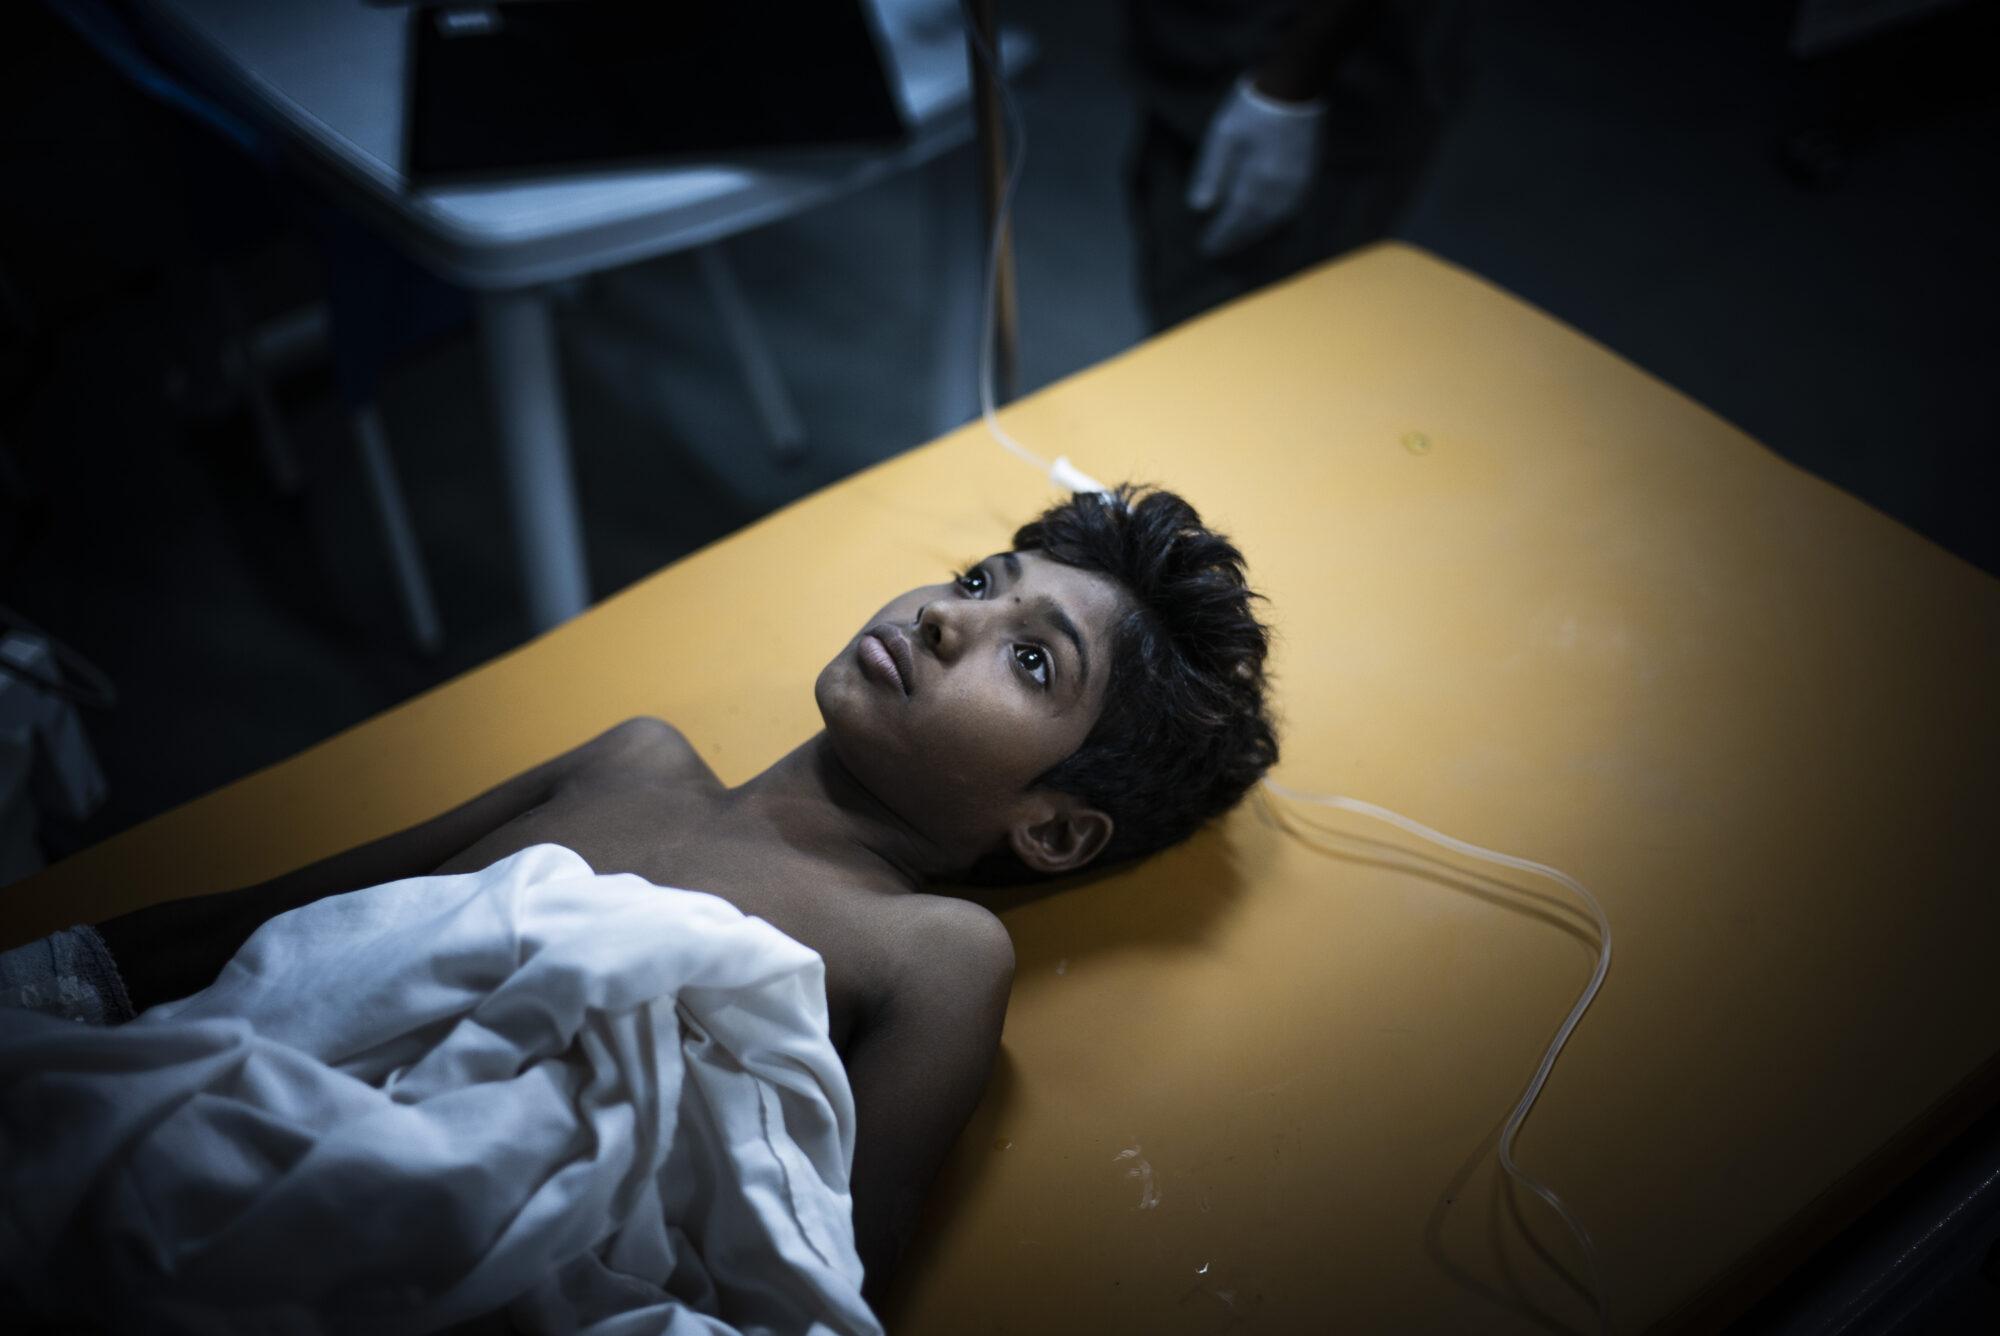 Teini-ikäinen poika makaa sairaalasängyssä.